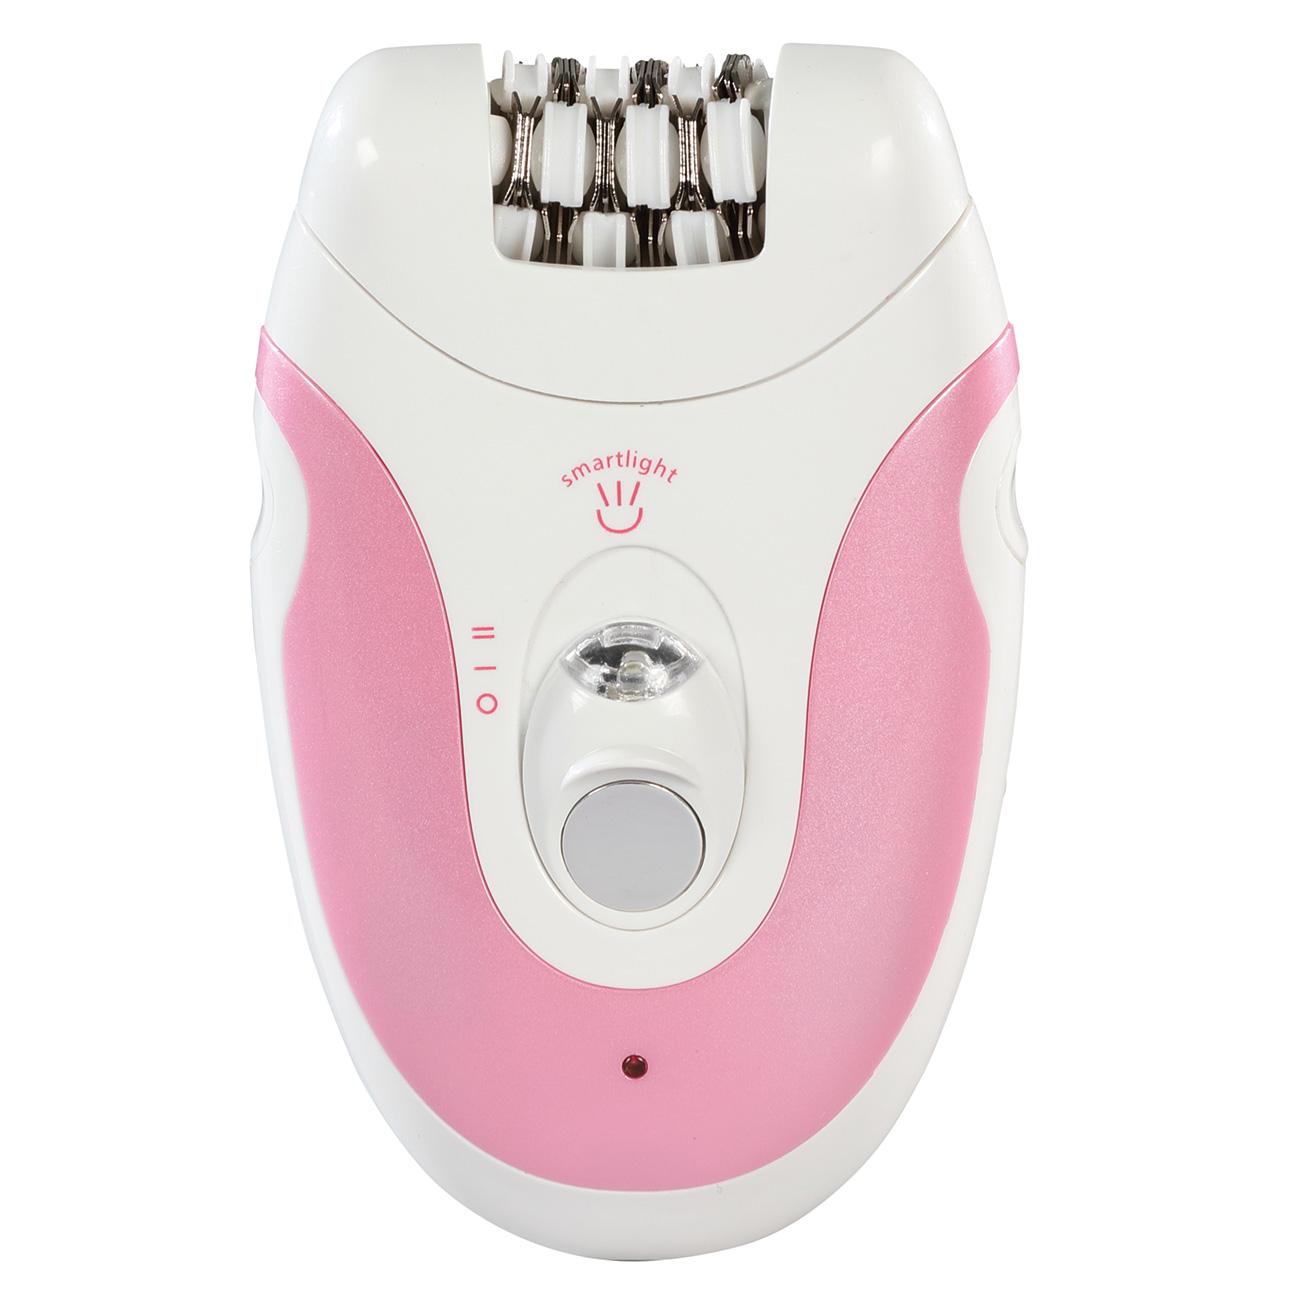 Rasur oder Epilieren – Sie entscheiden selbst, wie Sie ihre Haare entfernen und brauchen nur noch ein Gerät!